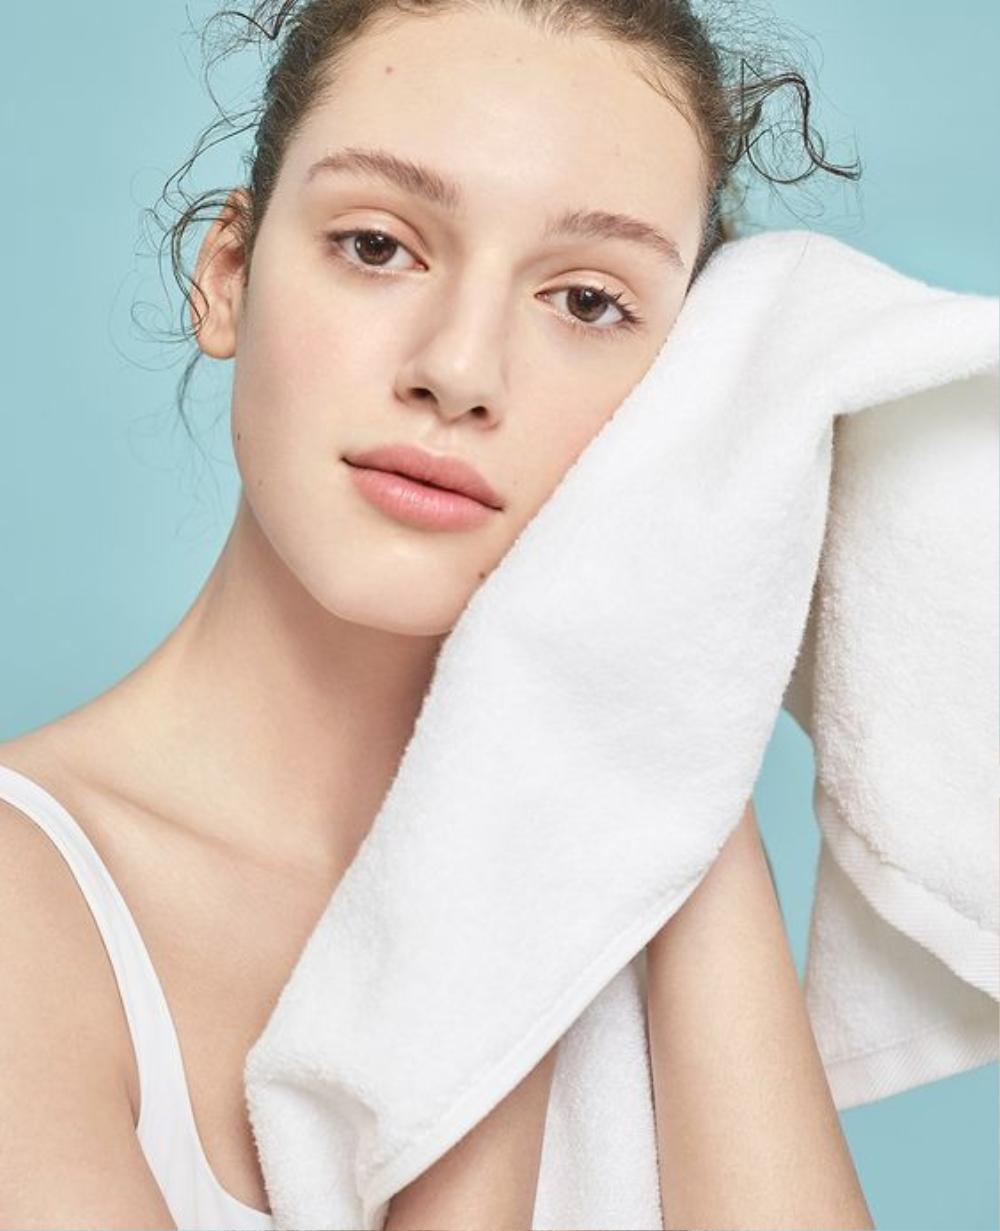 Làm thế nào để chăm sóc da với mỹ phẩm trang điểm? Ảnh 3